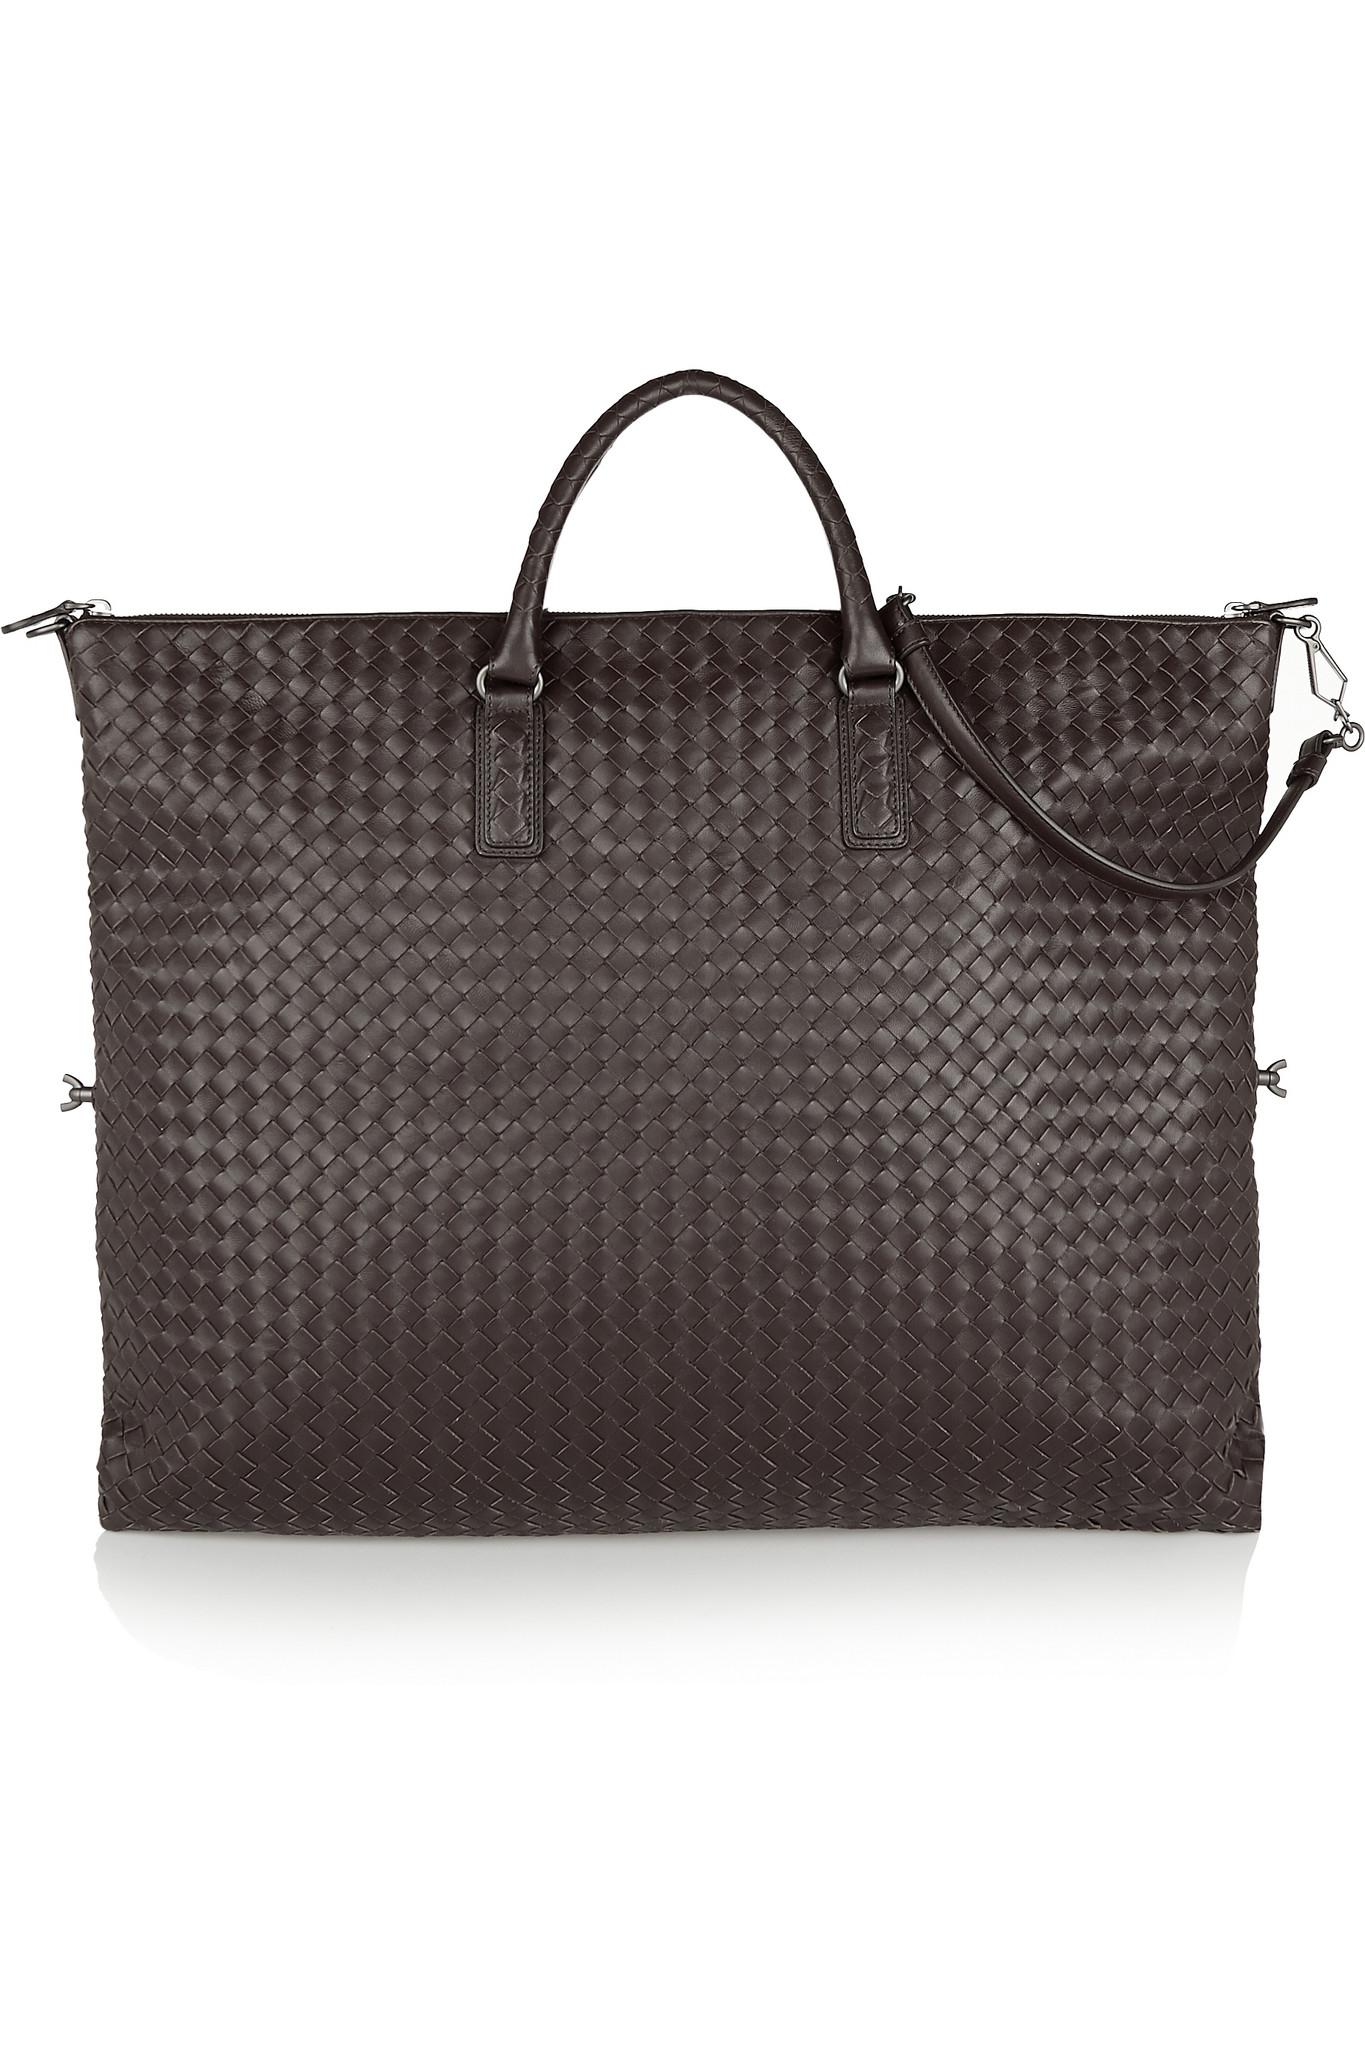 Bottega veneta Convertible Large Intrecciato Leather Tote in Brown . 5e1312a29c1b8